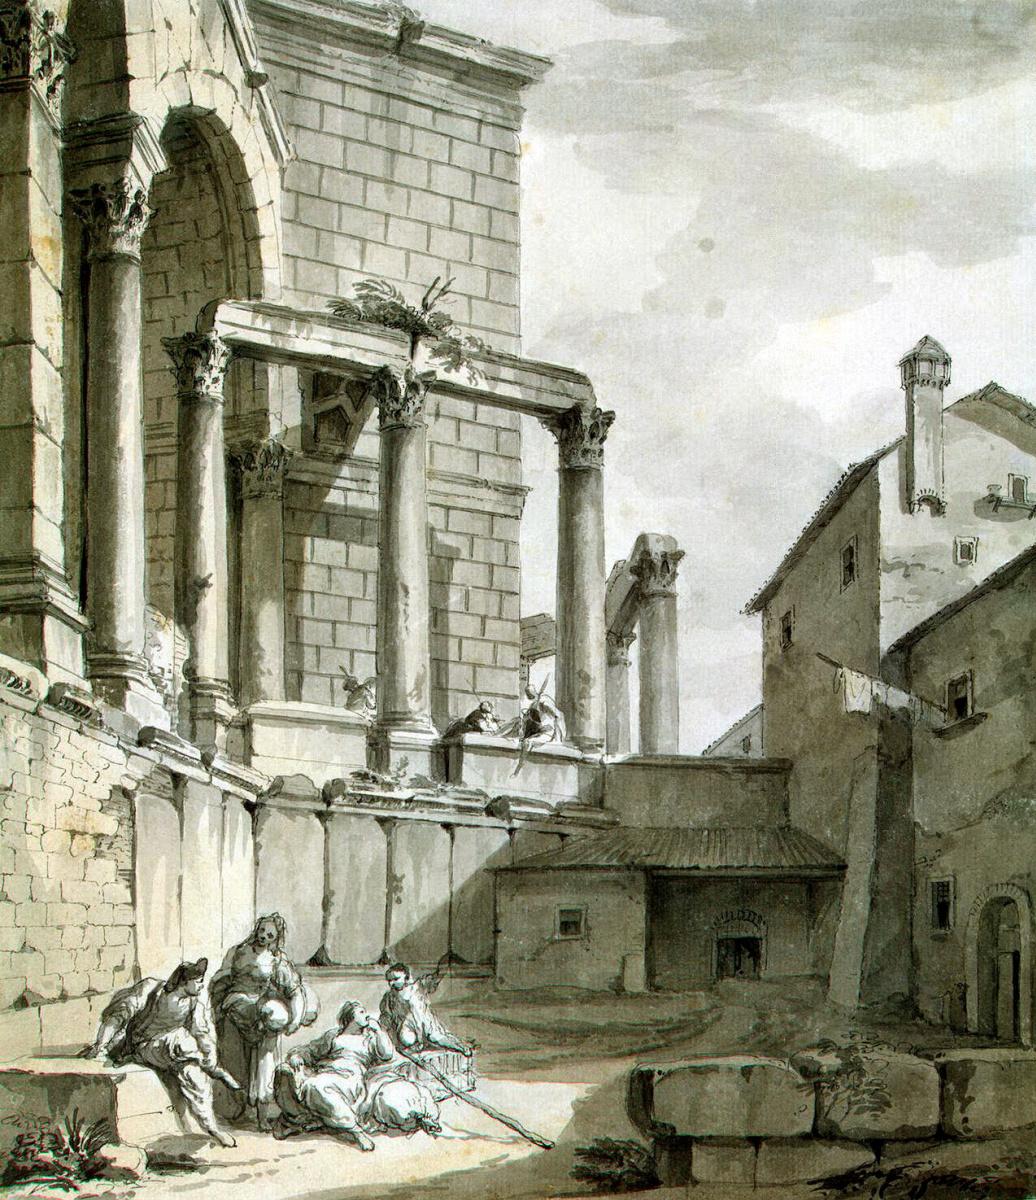 Шарль-Луи Клериссо. Вид на храм Юпитера во дворце Диоклетиана